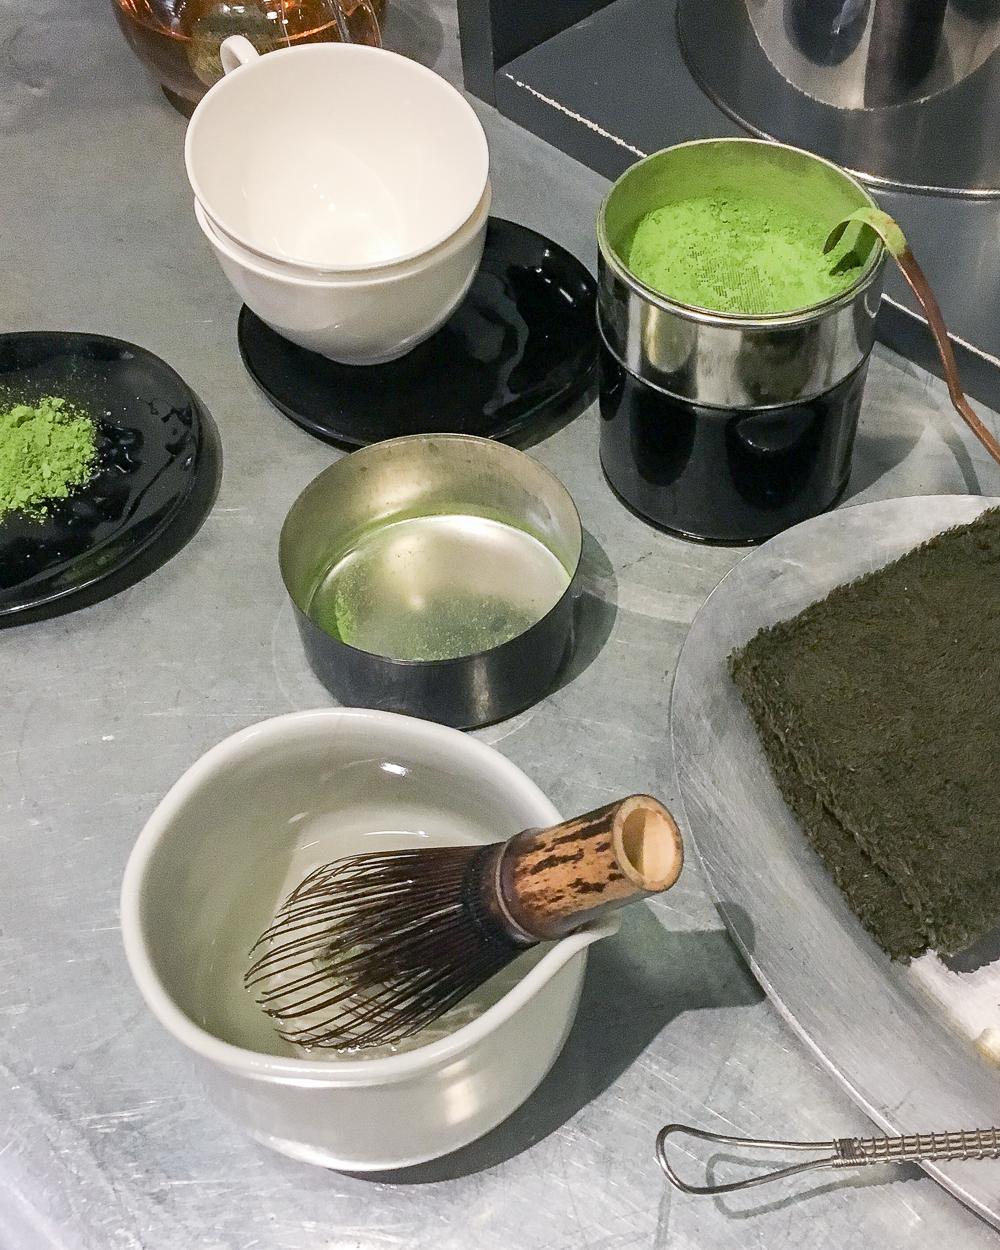 Preparing Matcha at My Cup of Tea | Ham Yard